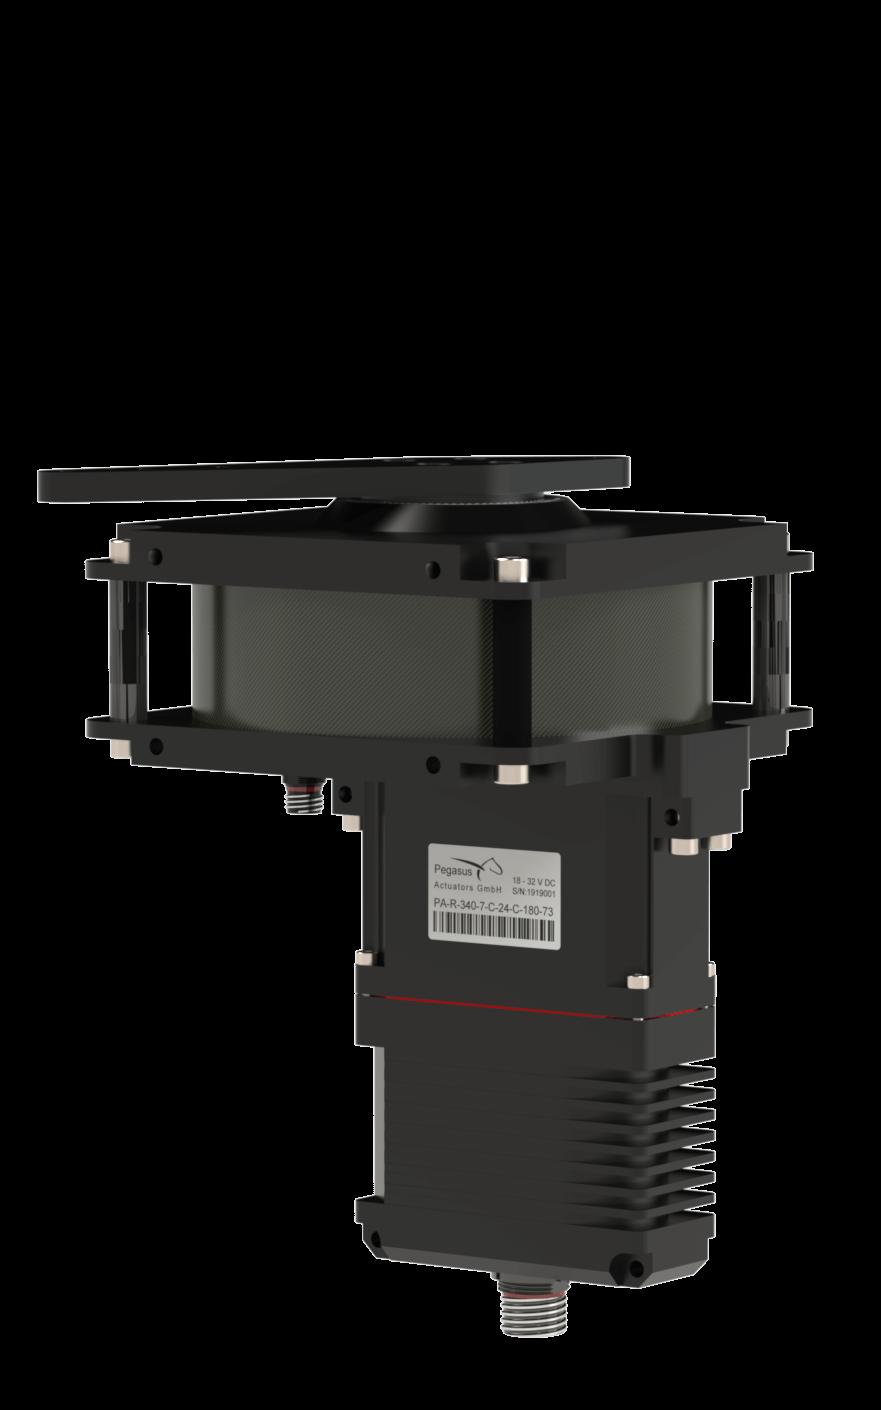 PA-R-340-7-OPV Actuators